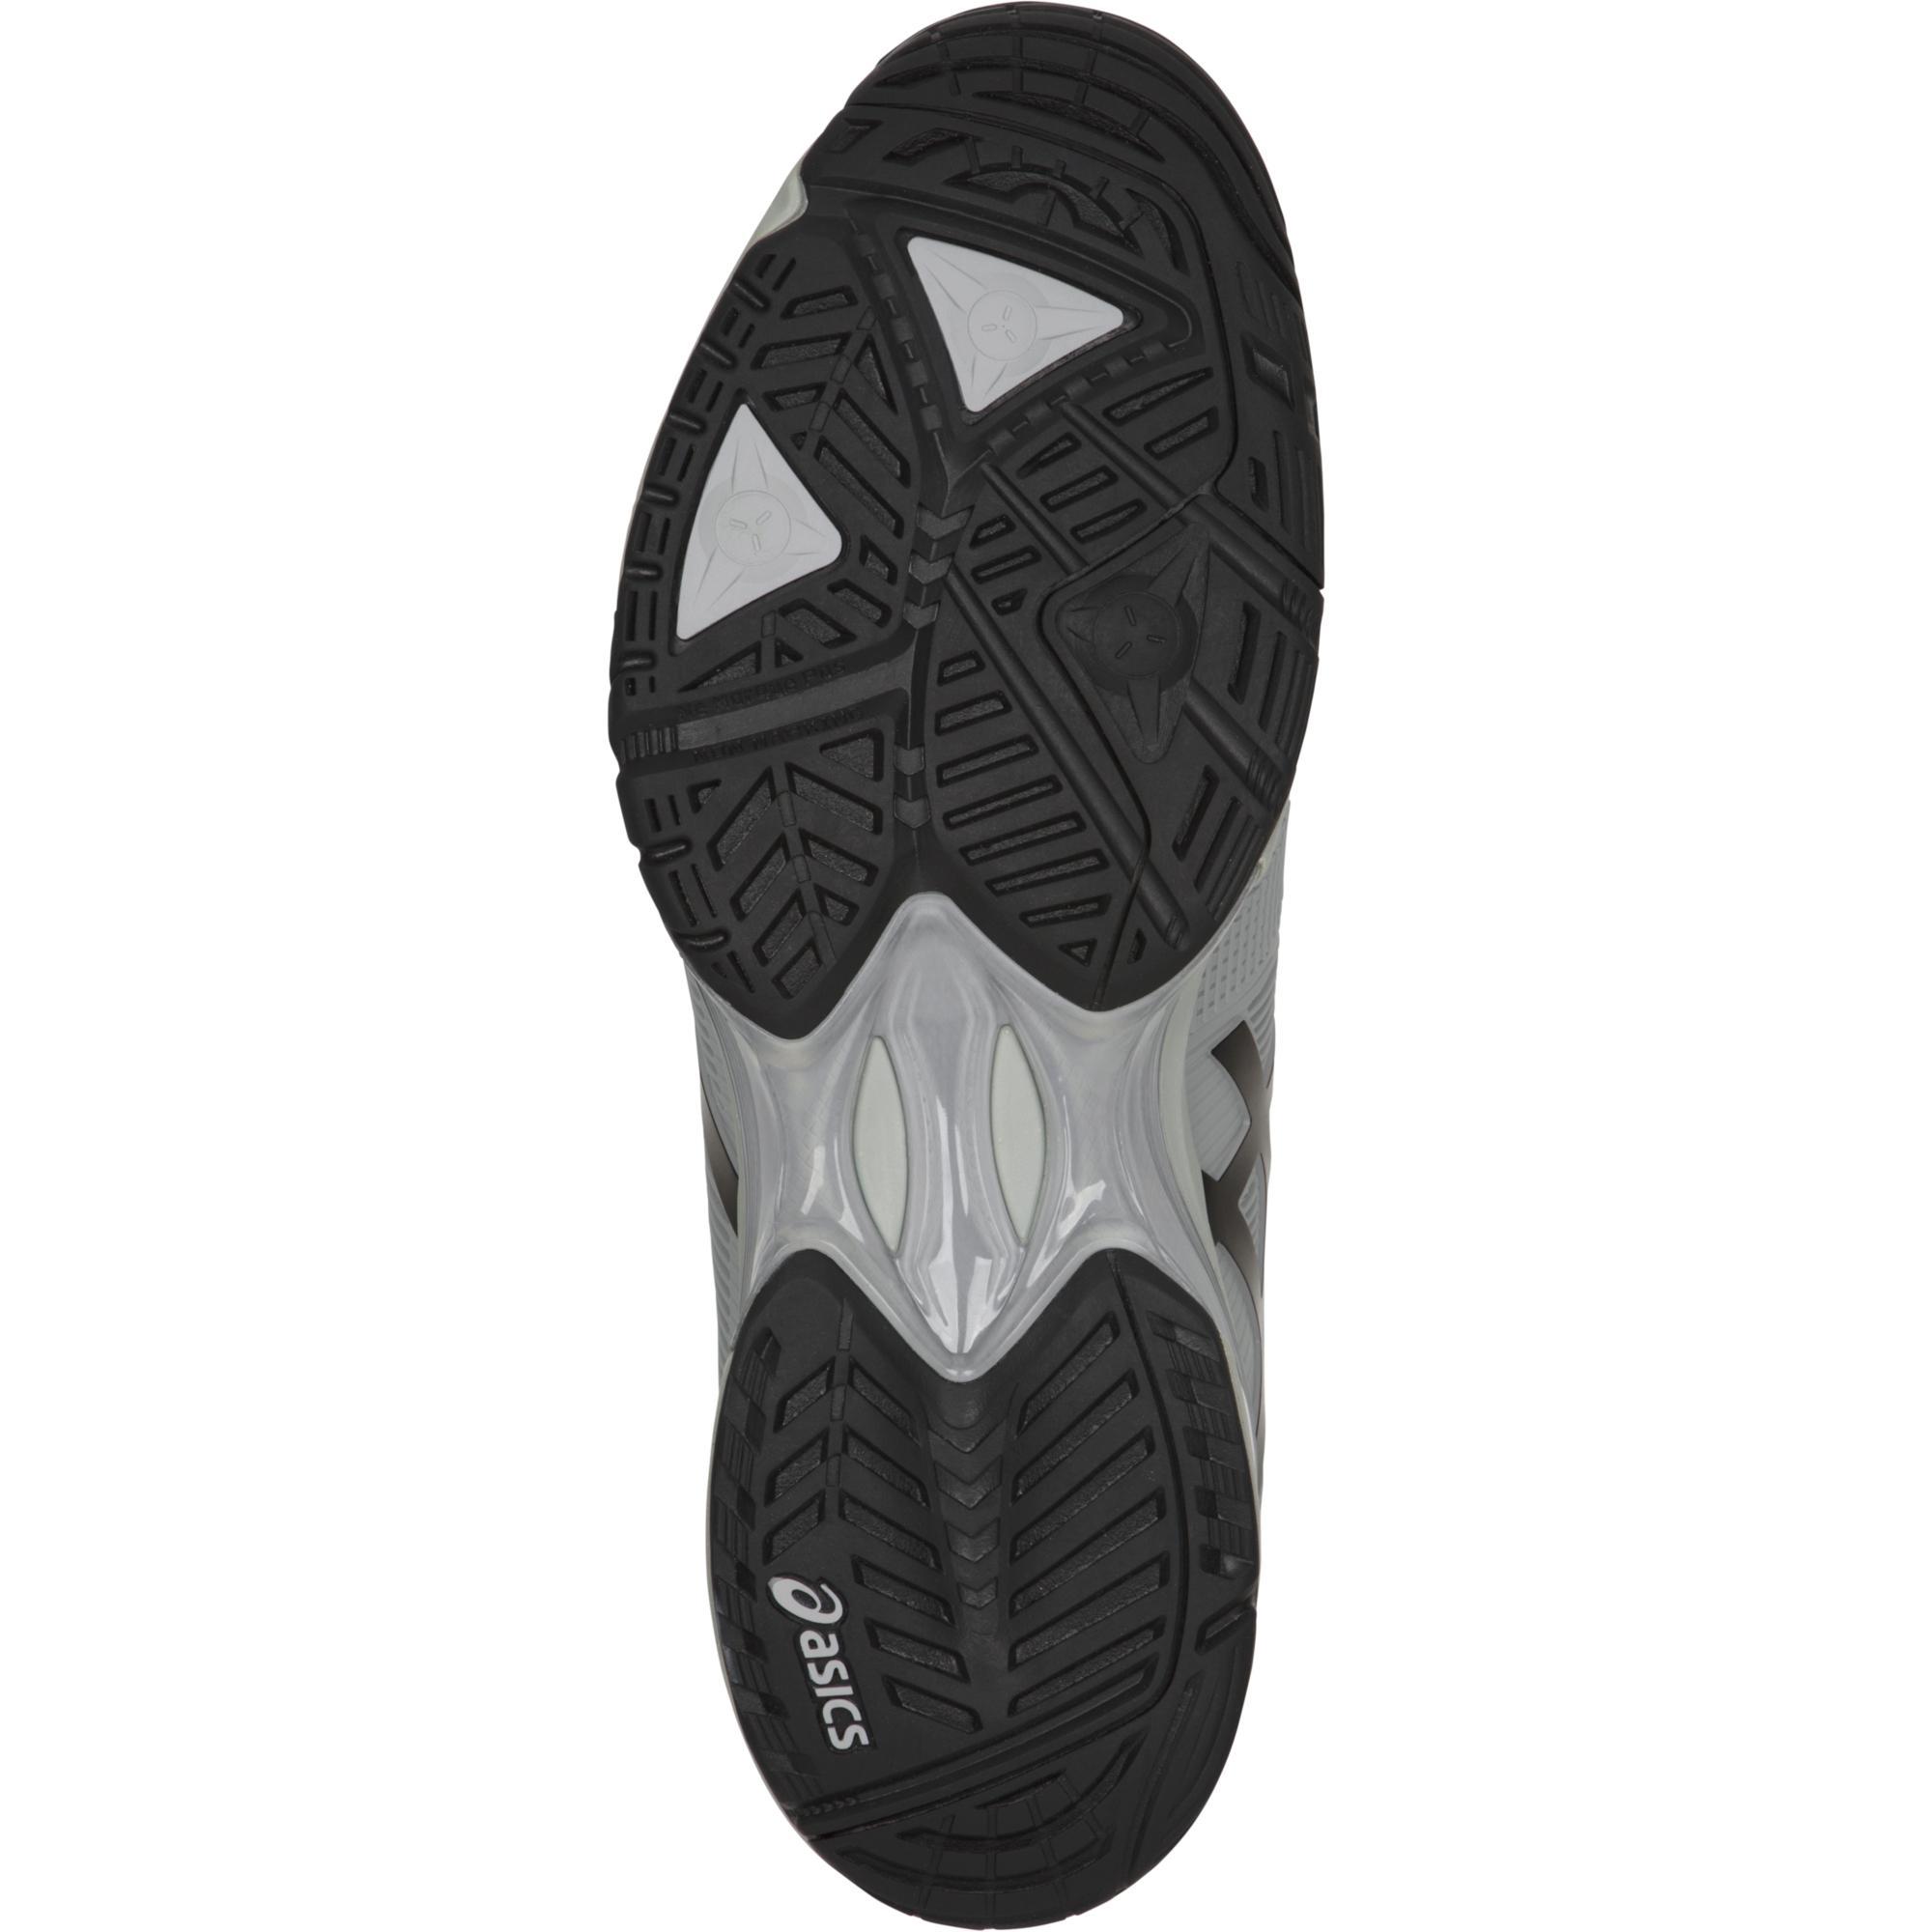 Asics Mens GEL Solution Speed 3 Mens Chaussures Chaussures de tennis Moyen Gris Moyen/ Noir 4d58b8b - radicalfrugality.info